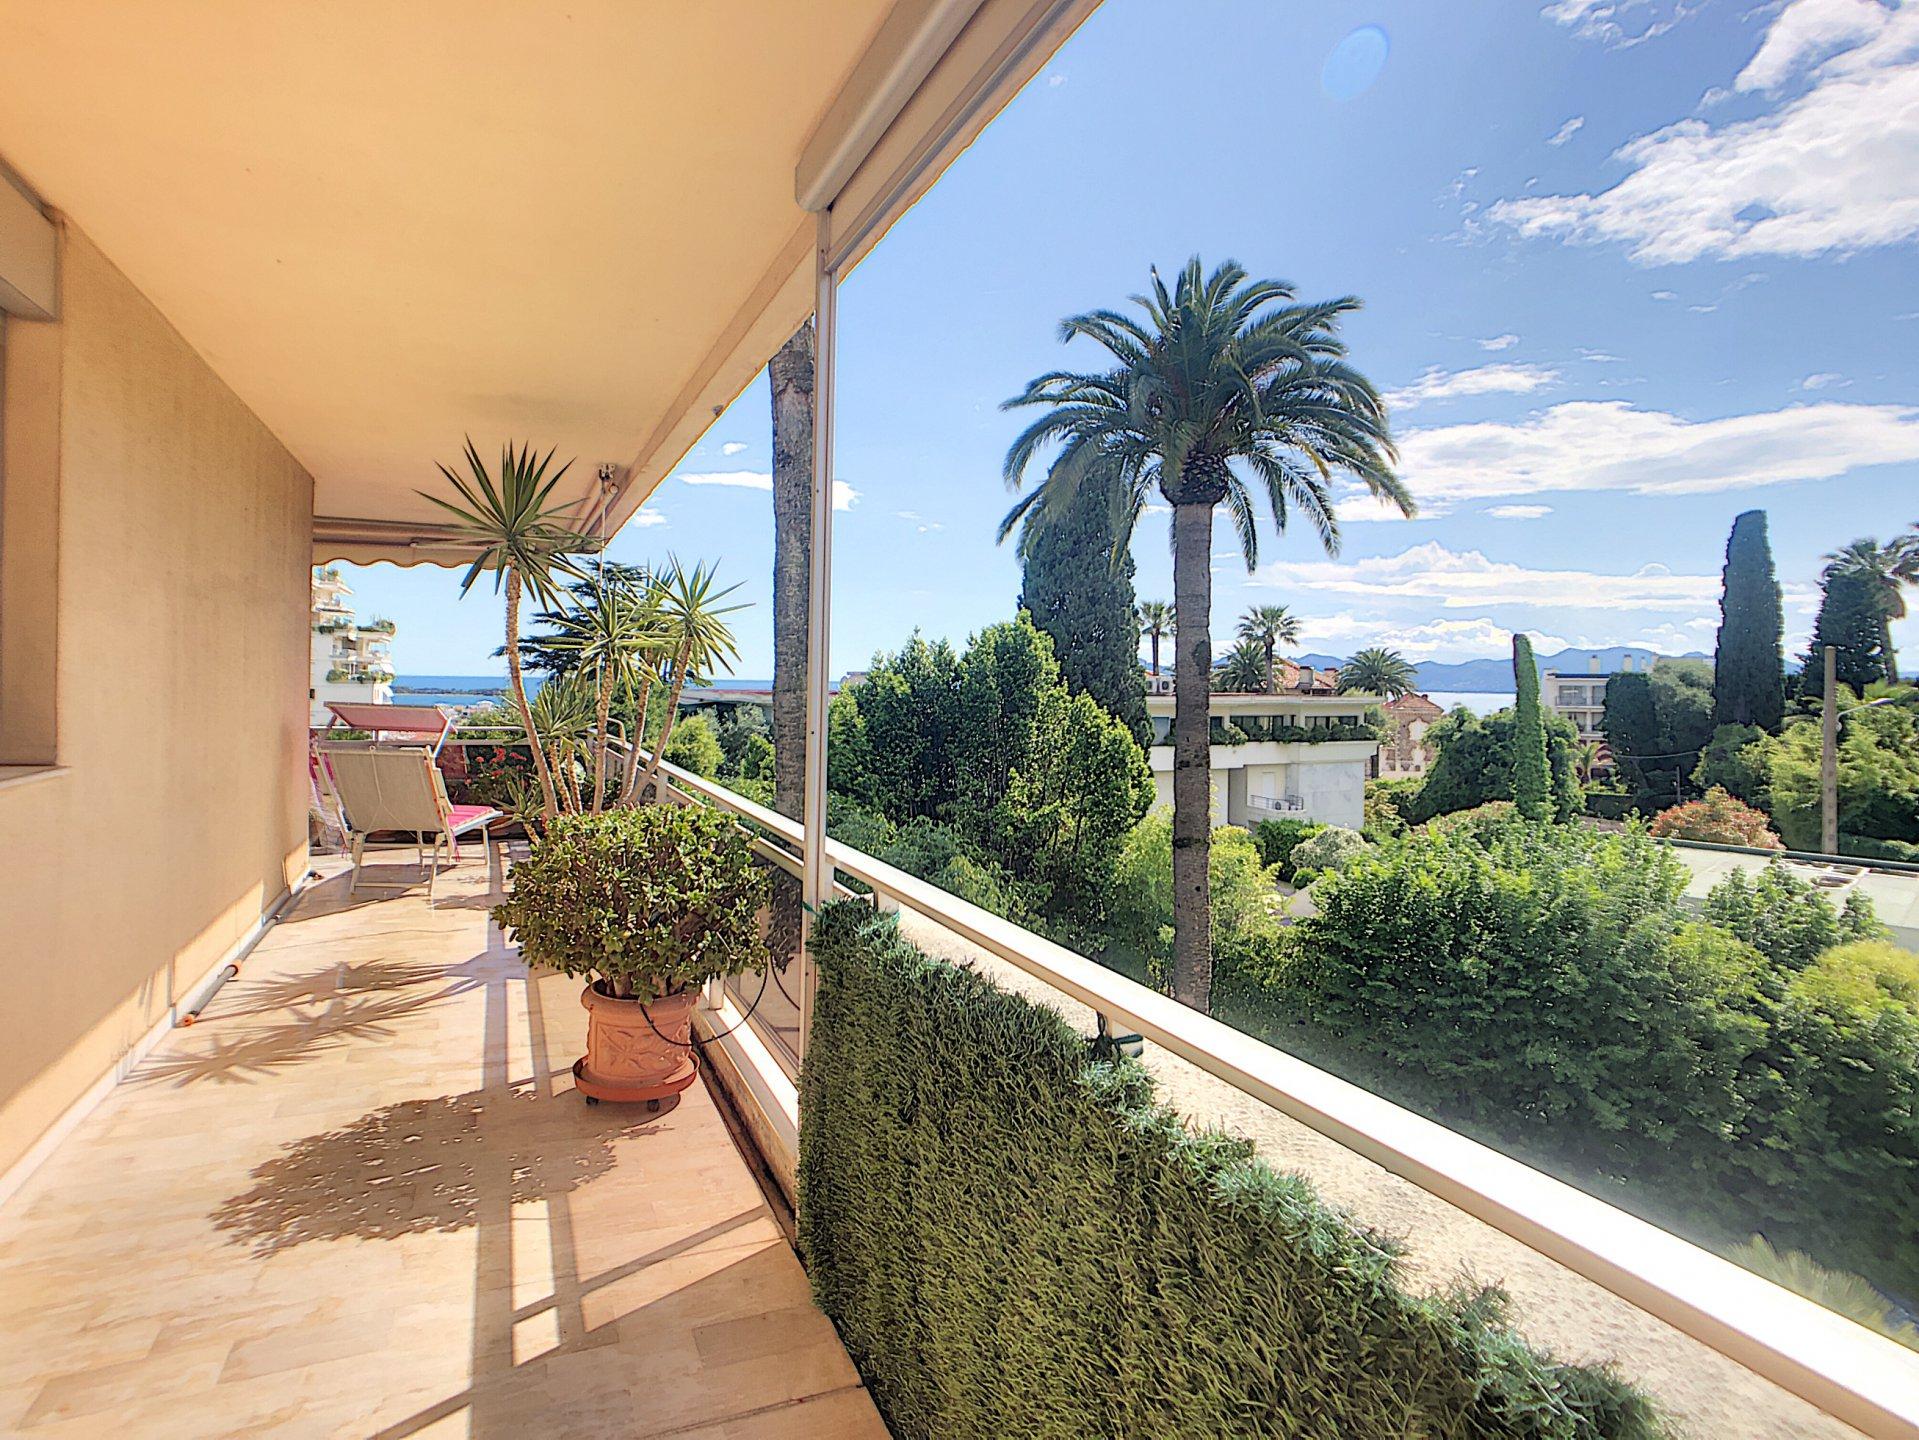 Verkauf Wohnung - Cannes Basse Californie - Frankreich